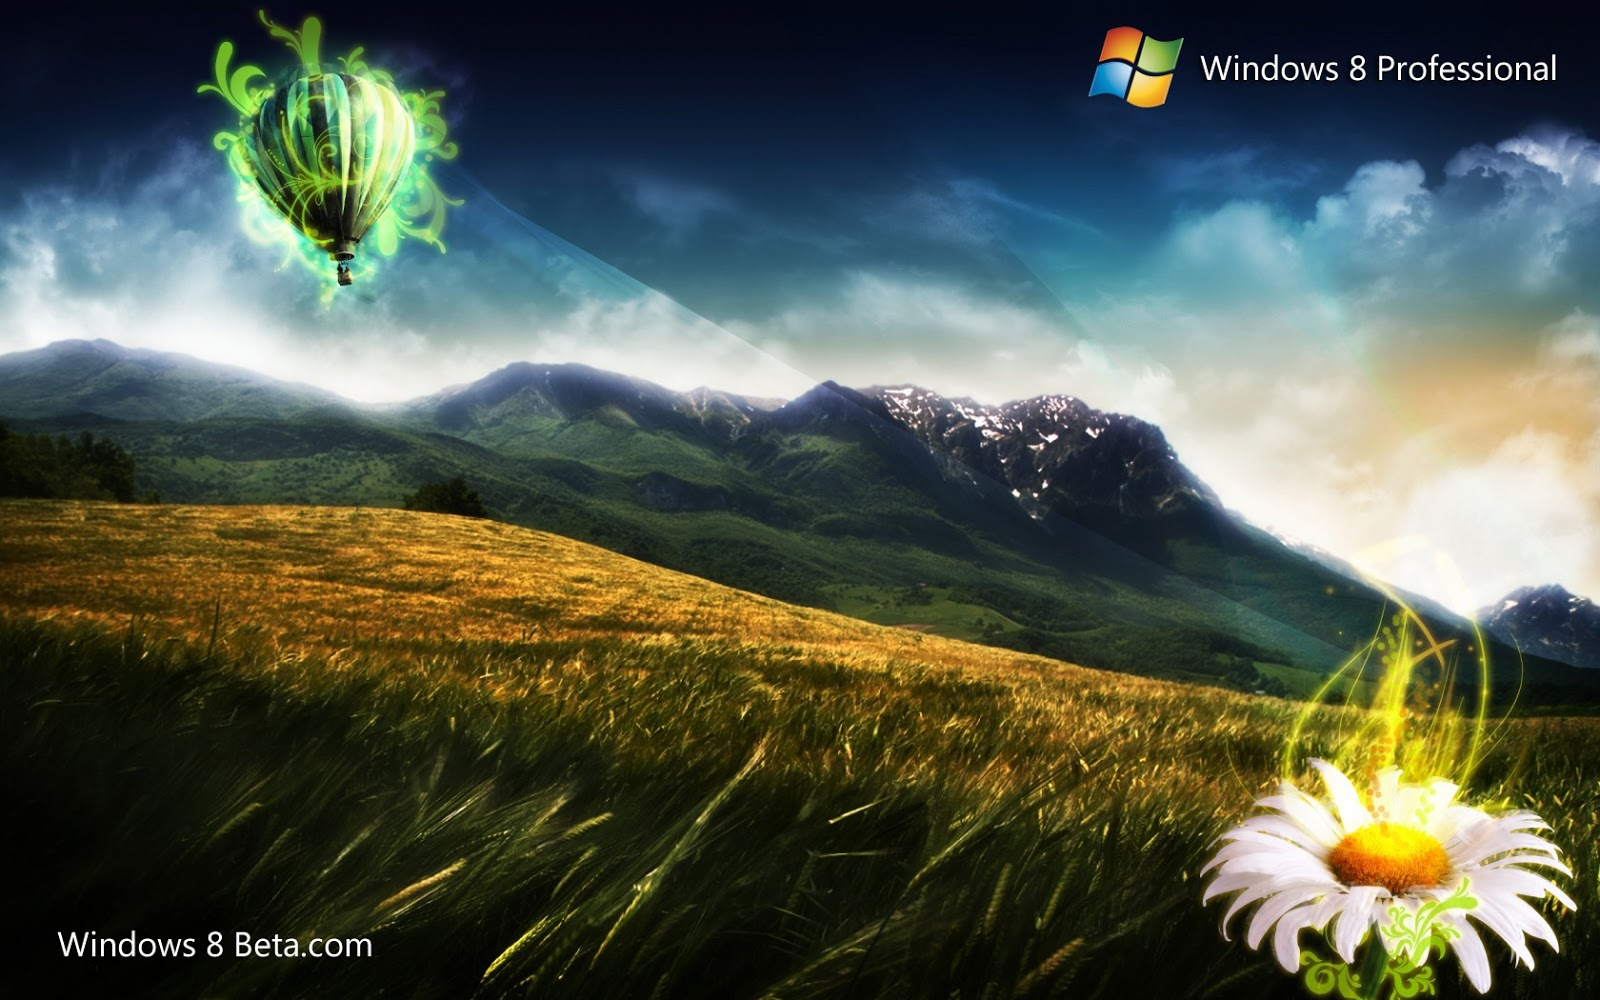 CERITA ASYIK Download Wallpaper Windows 8 Keren Terbaru